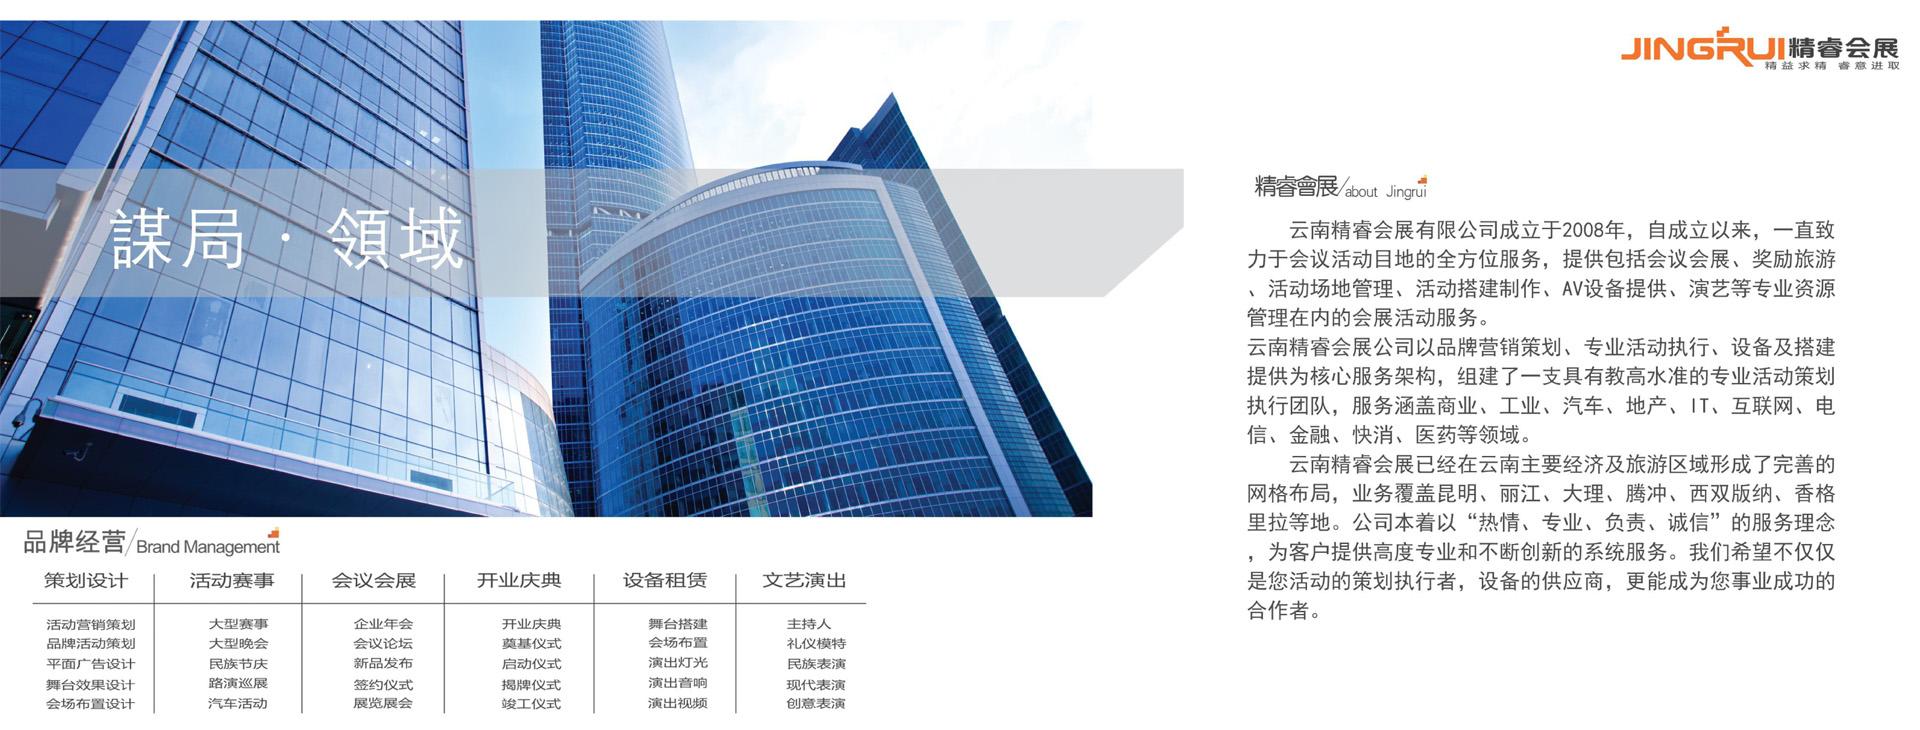 丽江会议会展公司